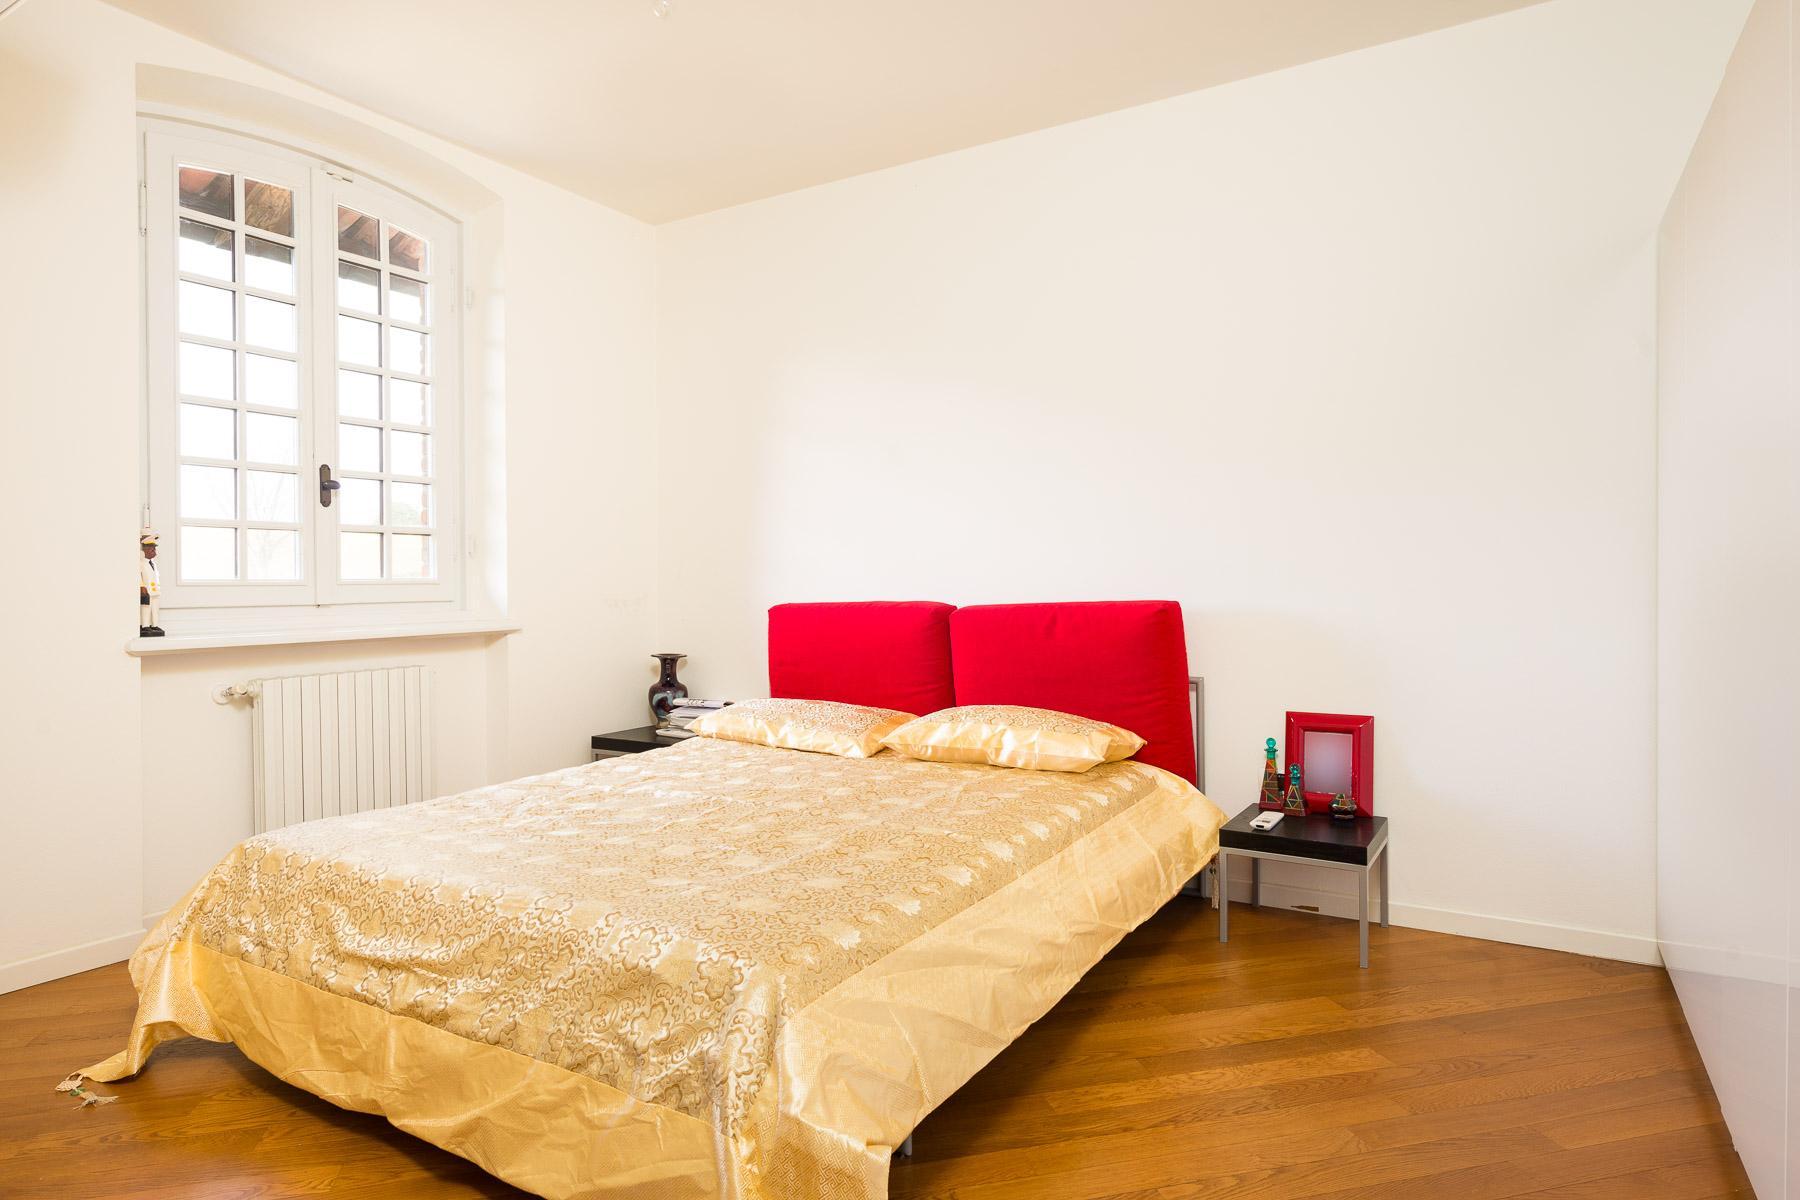 位于d'epoca a Chieri小镇历史悠久别墅内的奢华公寓 - 11